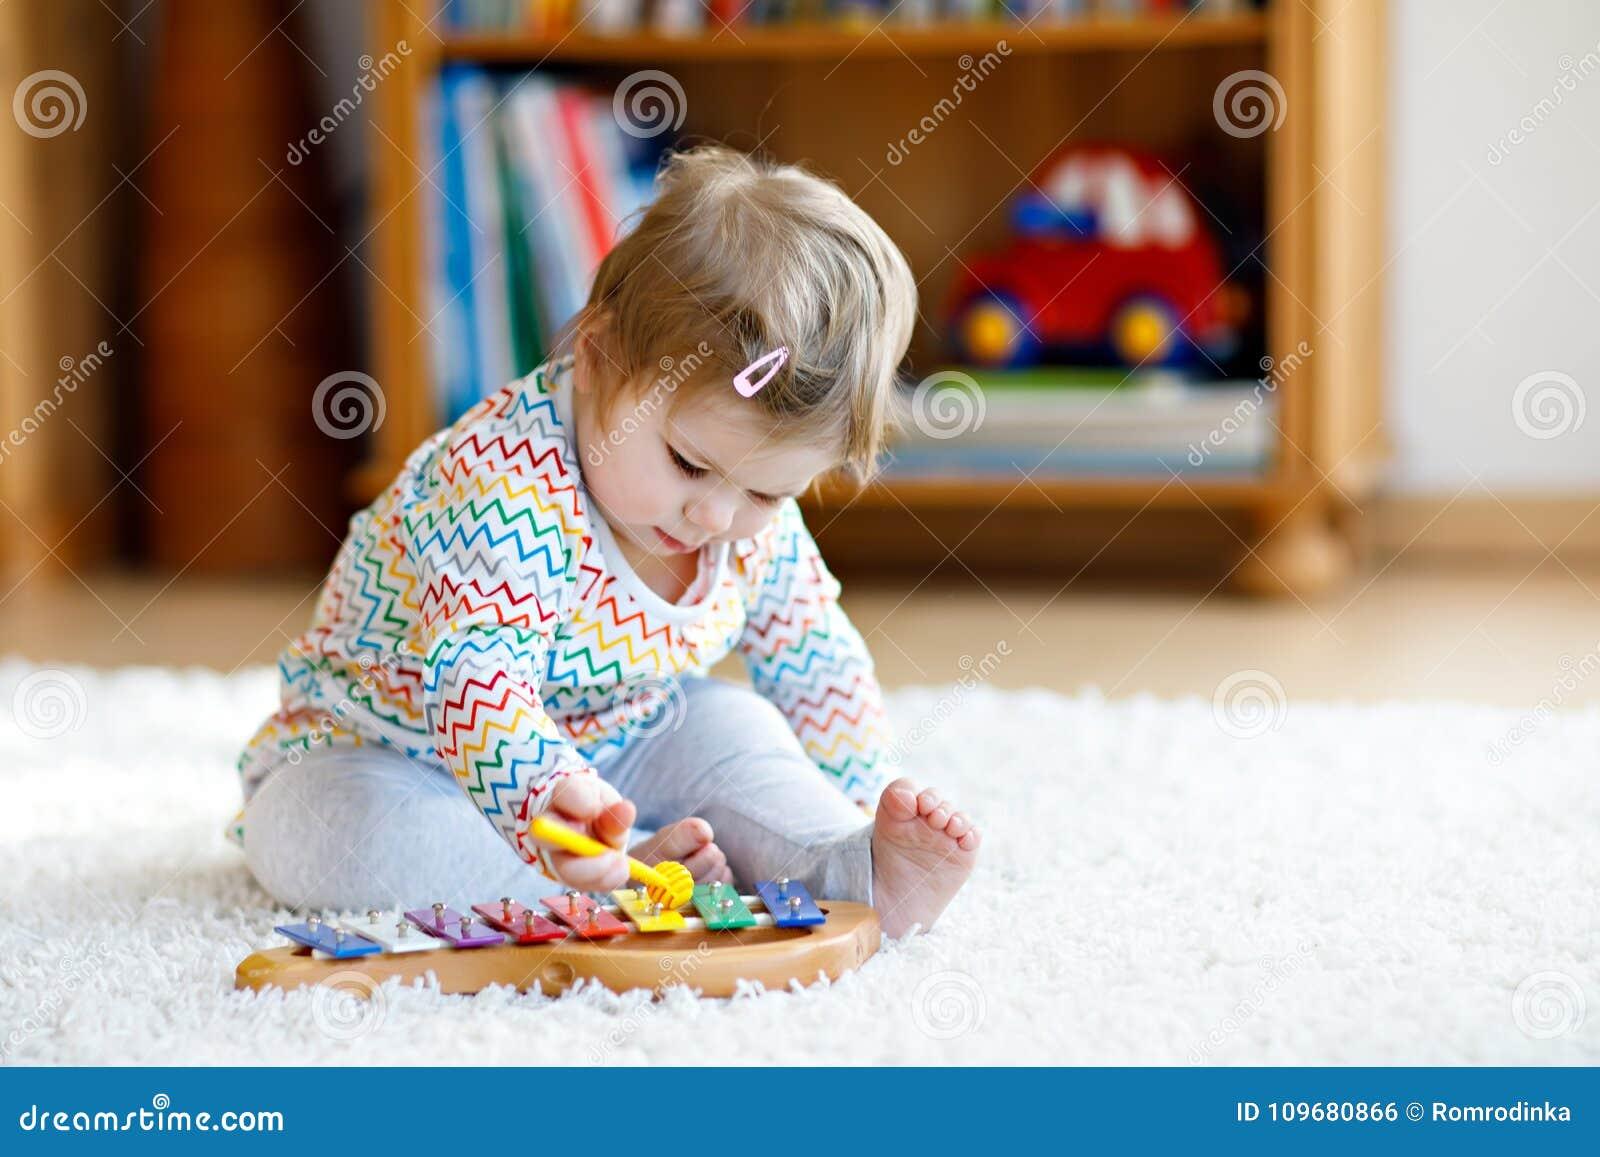 Le beau petit bébé mignon adorable jouant avec la musique en bois éducative joue à la maison ou crèche Enfant en bas âge avec